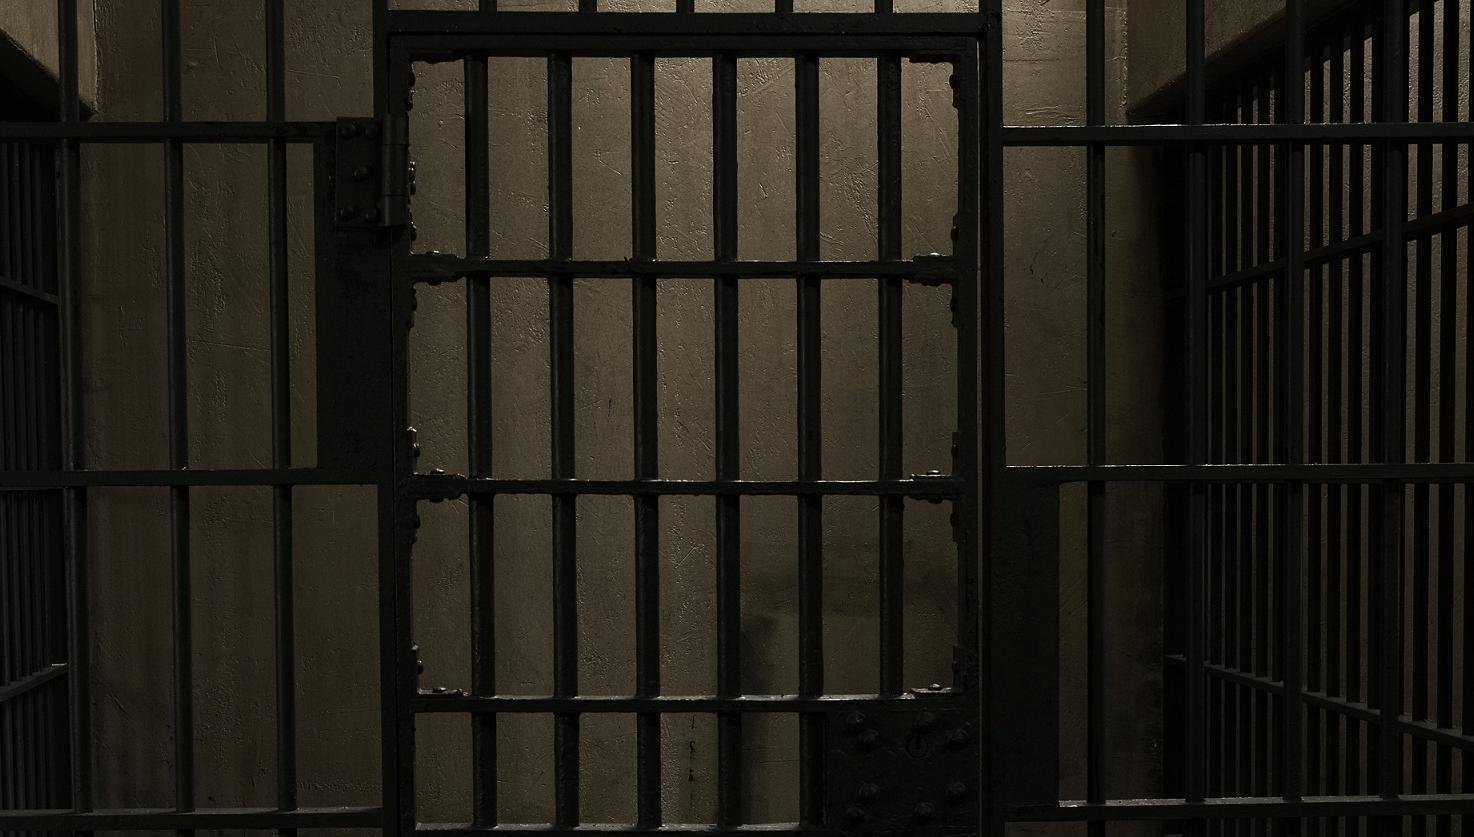 PRISON_244283